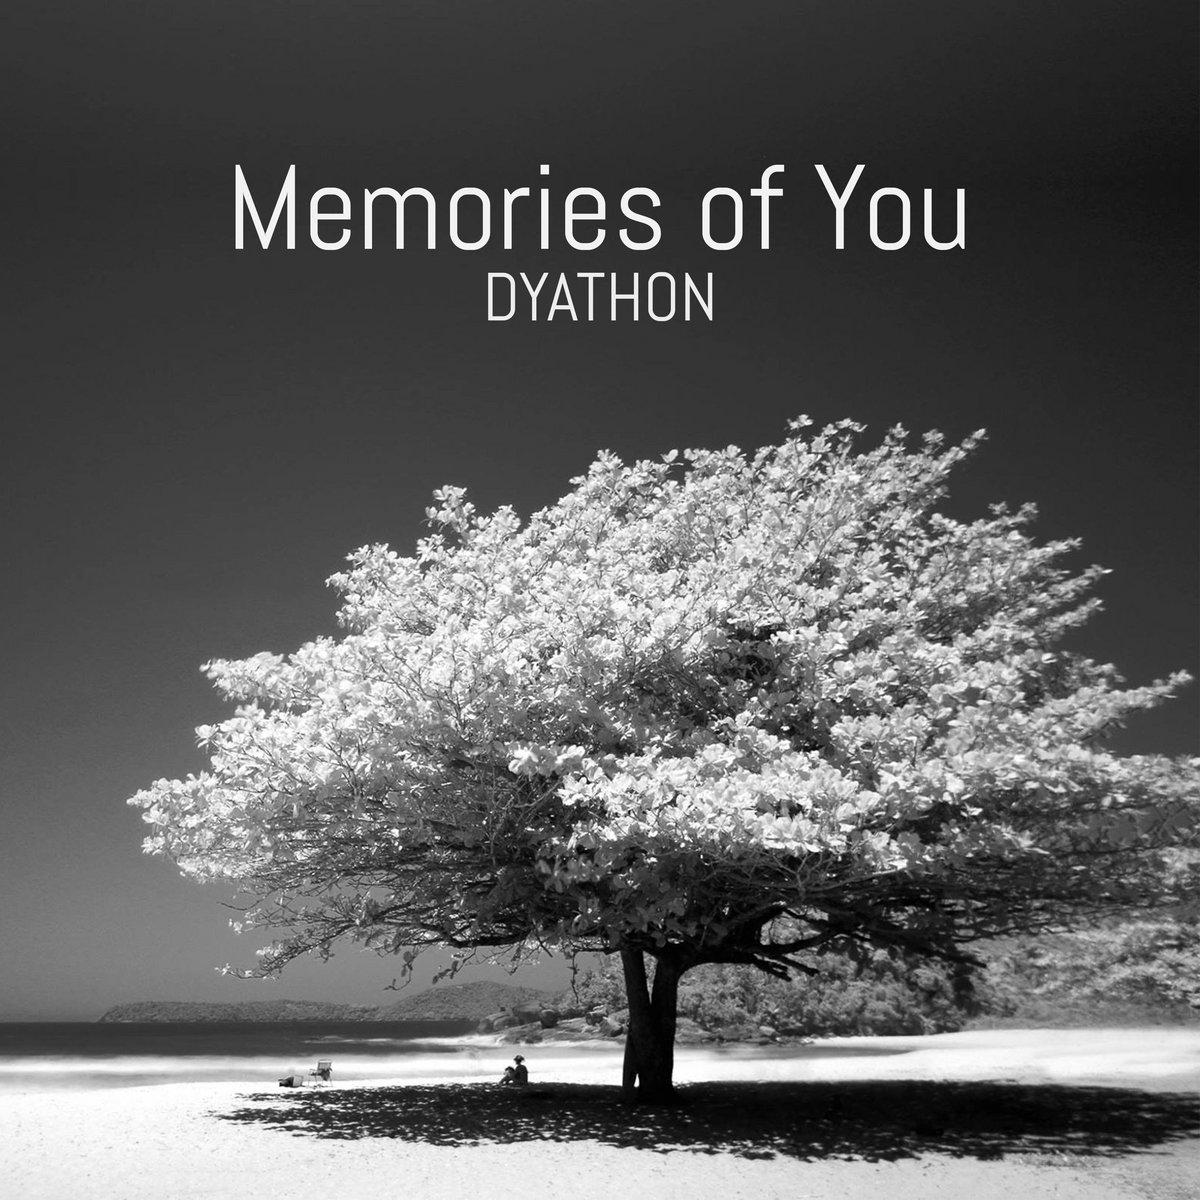 دانلود قطعه موسیقی Memories of You توسط DYATHON